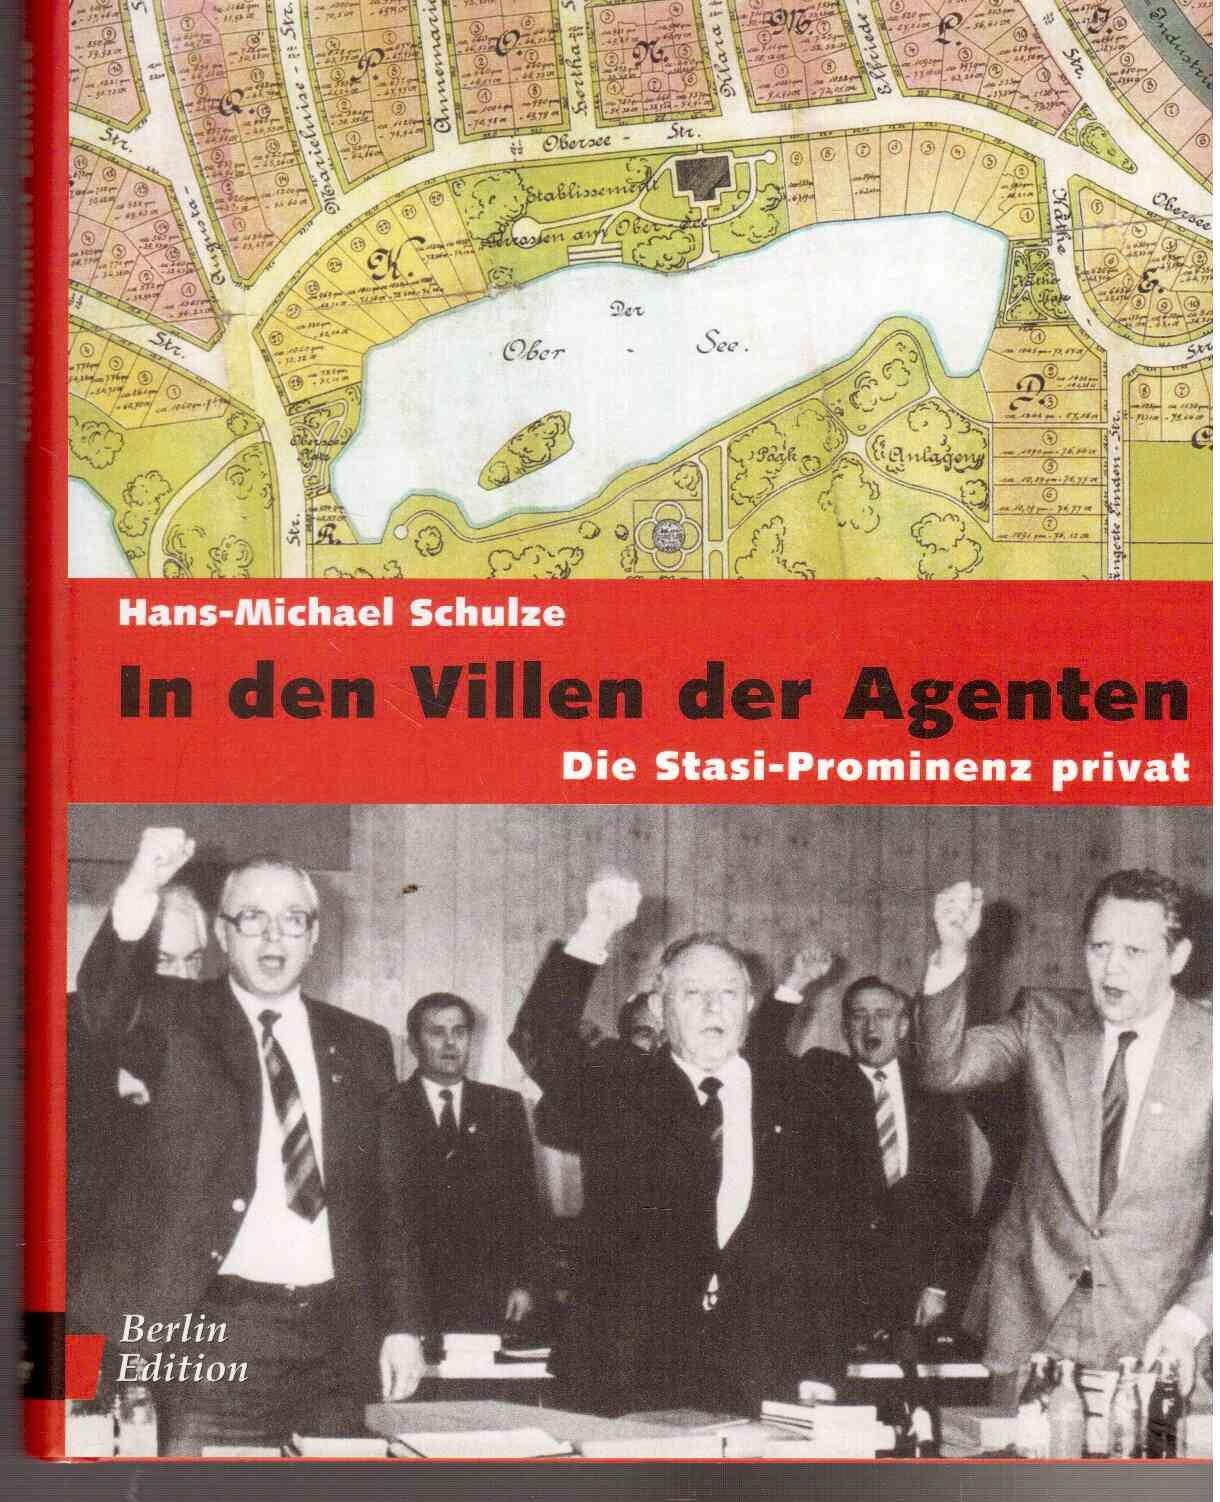 In den Villen der Agenten: Die Stasi-Prominenz privat